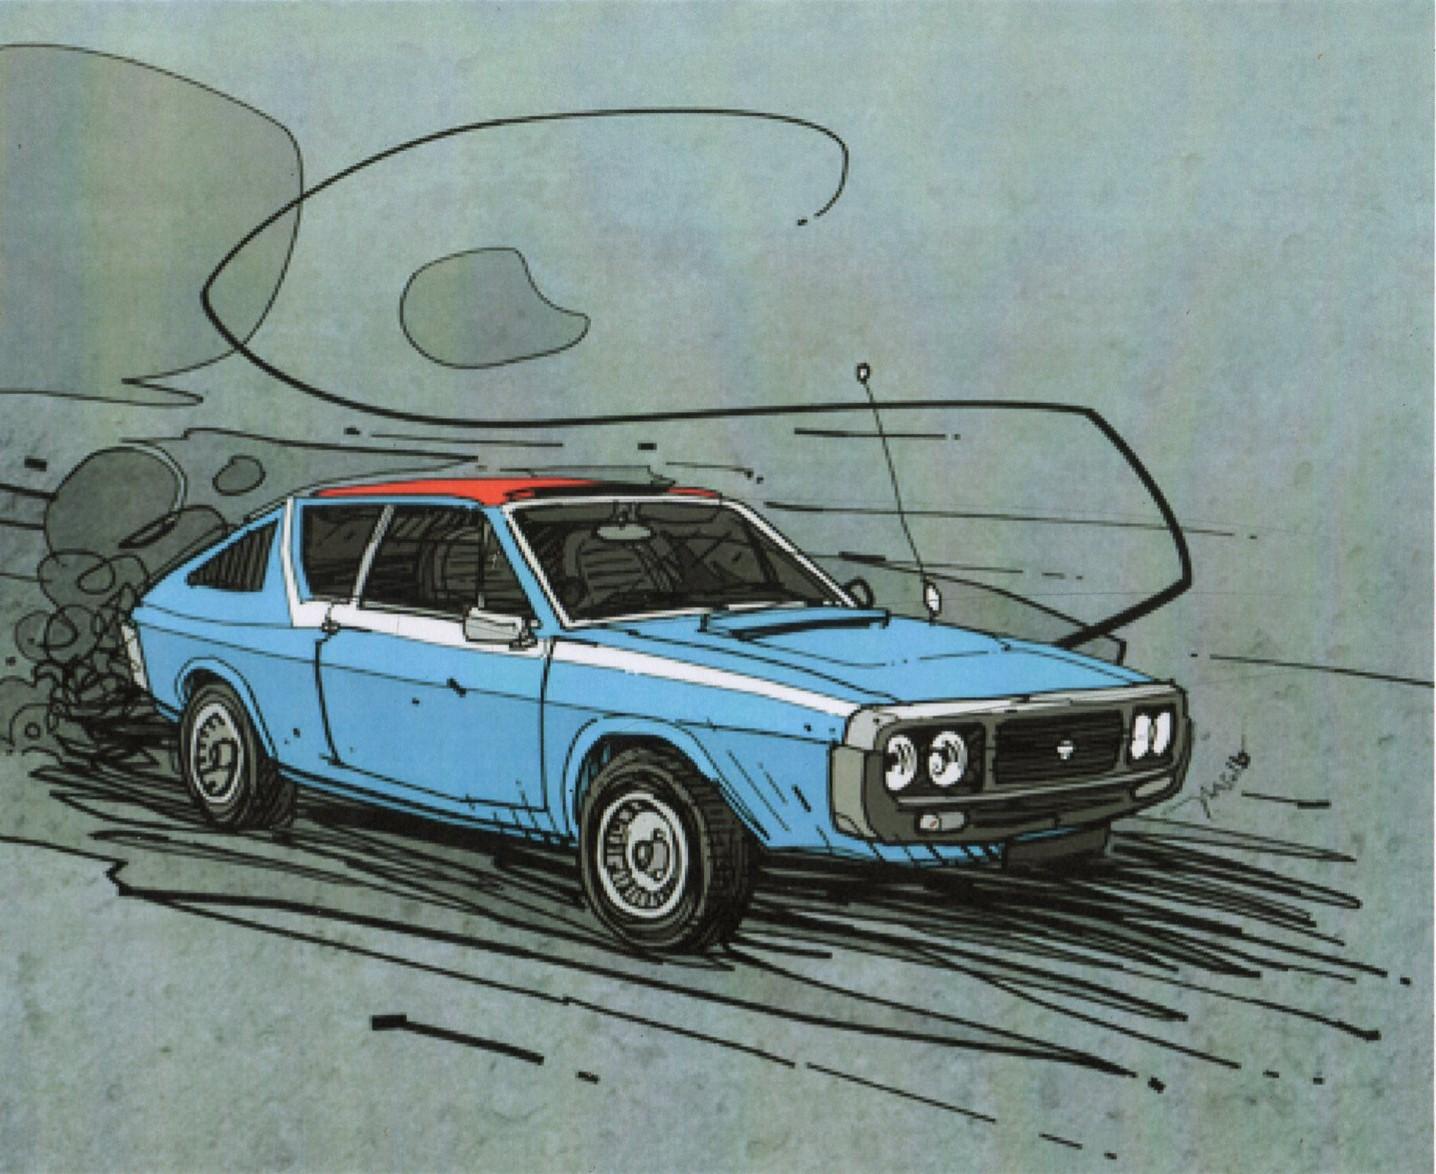 Pz c dessin voiture - Voiture dessiner ...